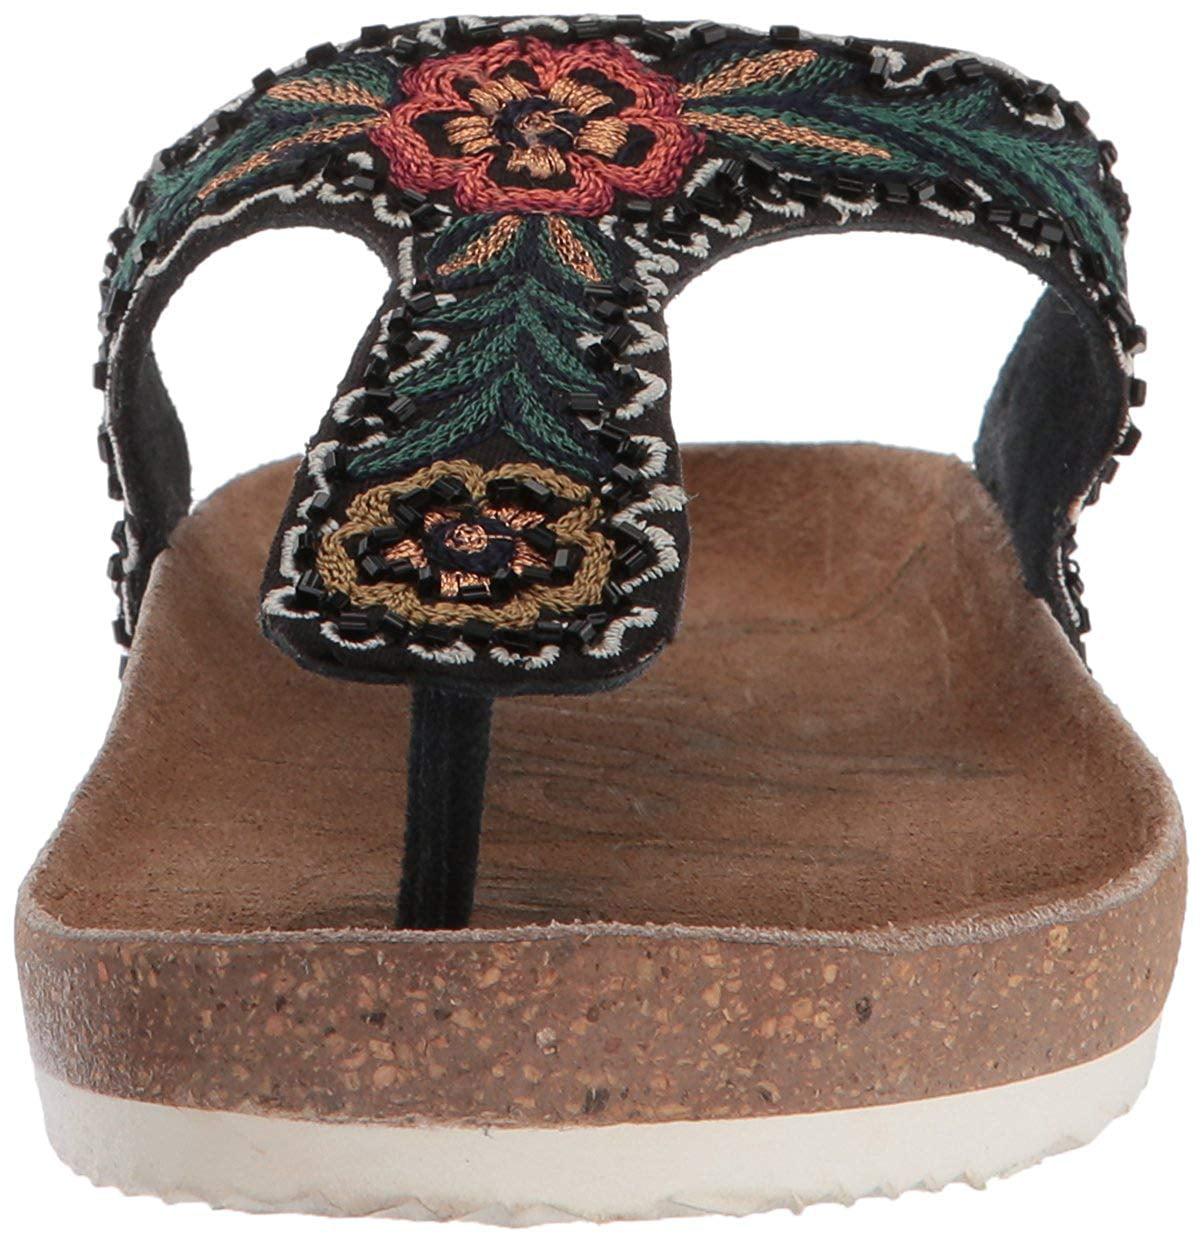 599823738a4c Sam Edelman Women s Olivie 3 Slide Sandal